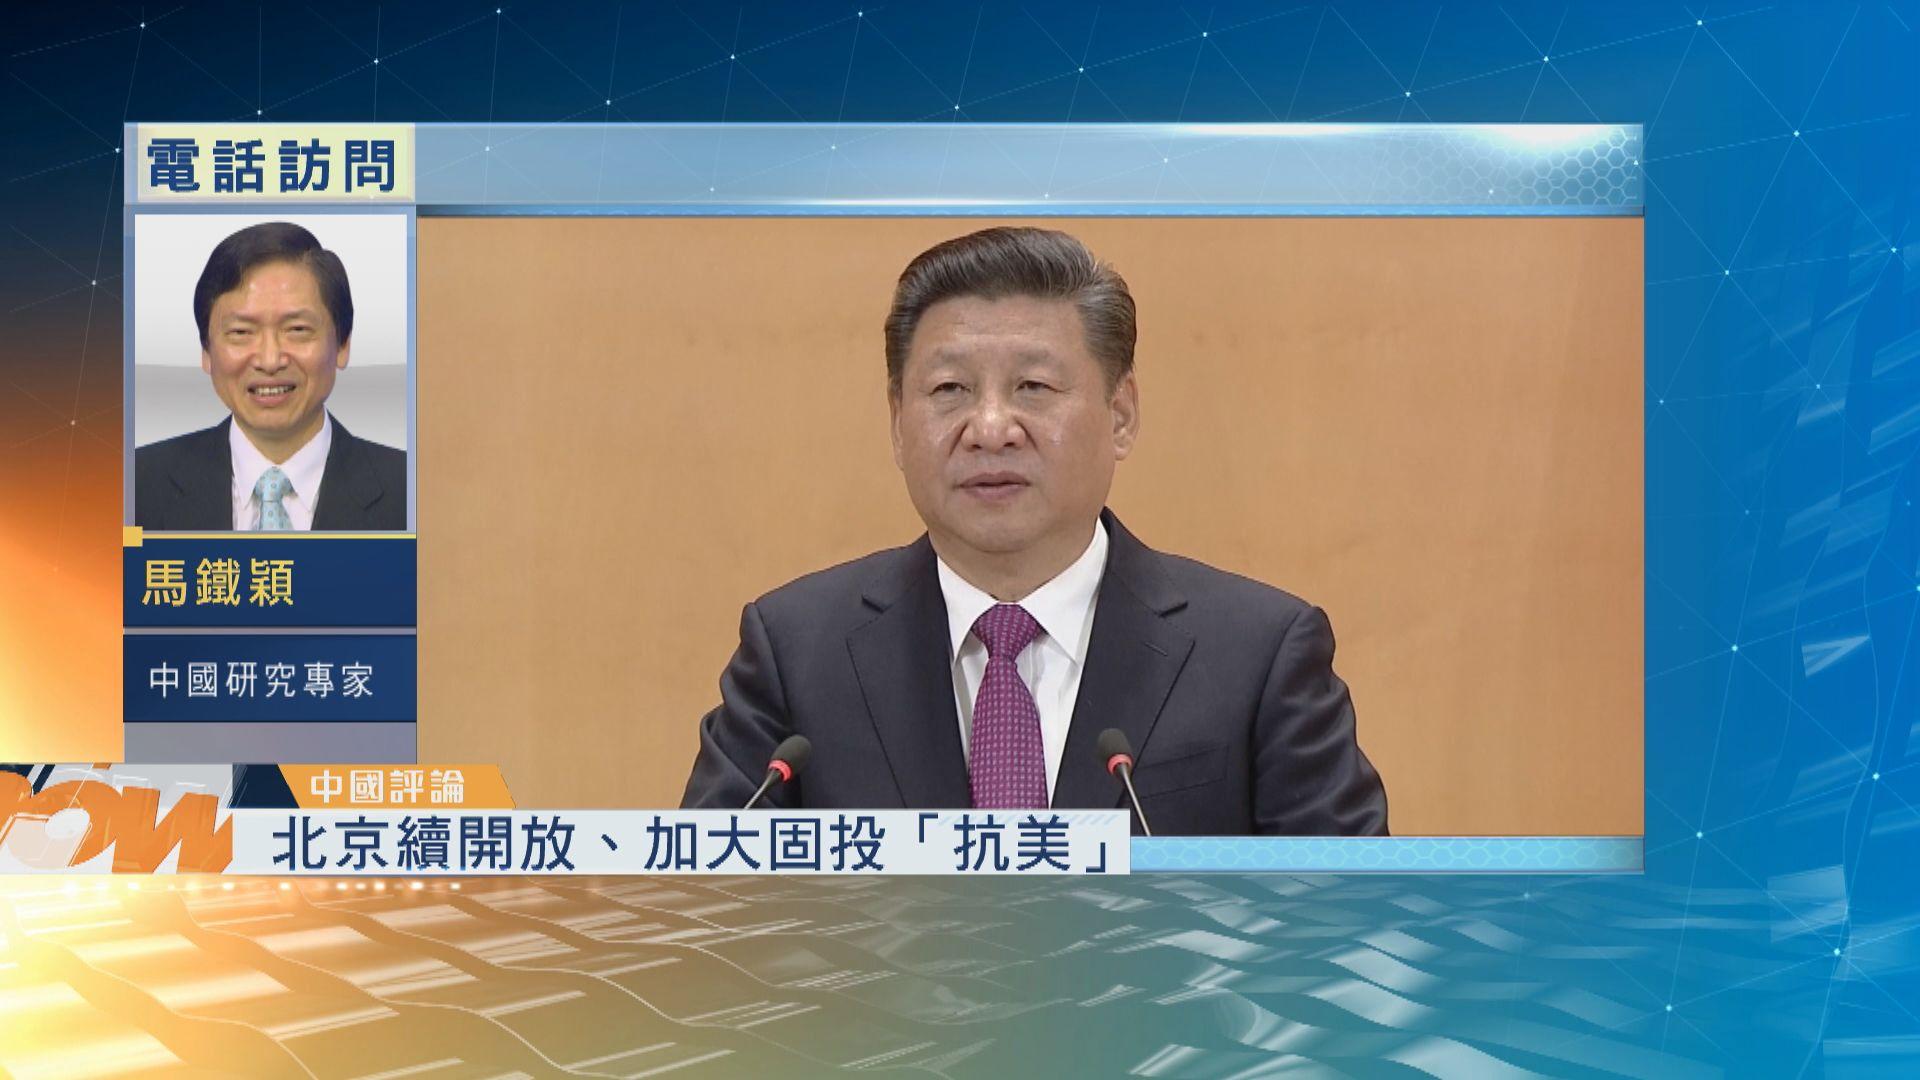 【中國評論】首辦進口博覽彌補貿易戰損失